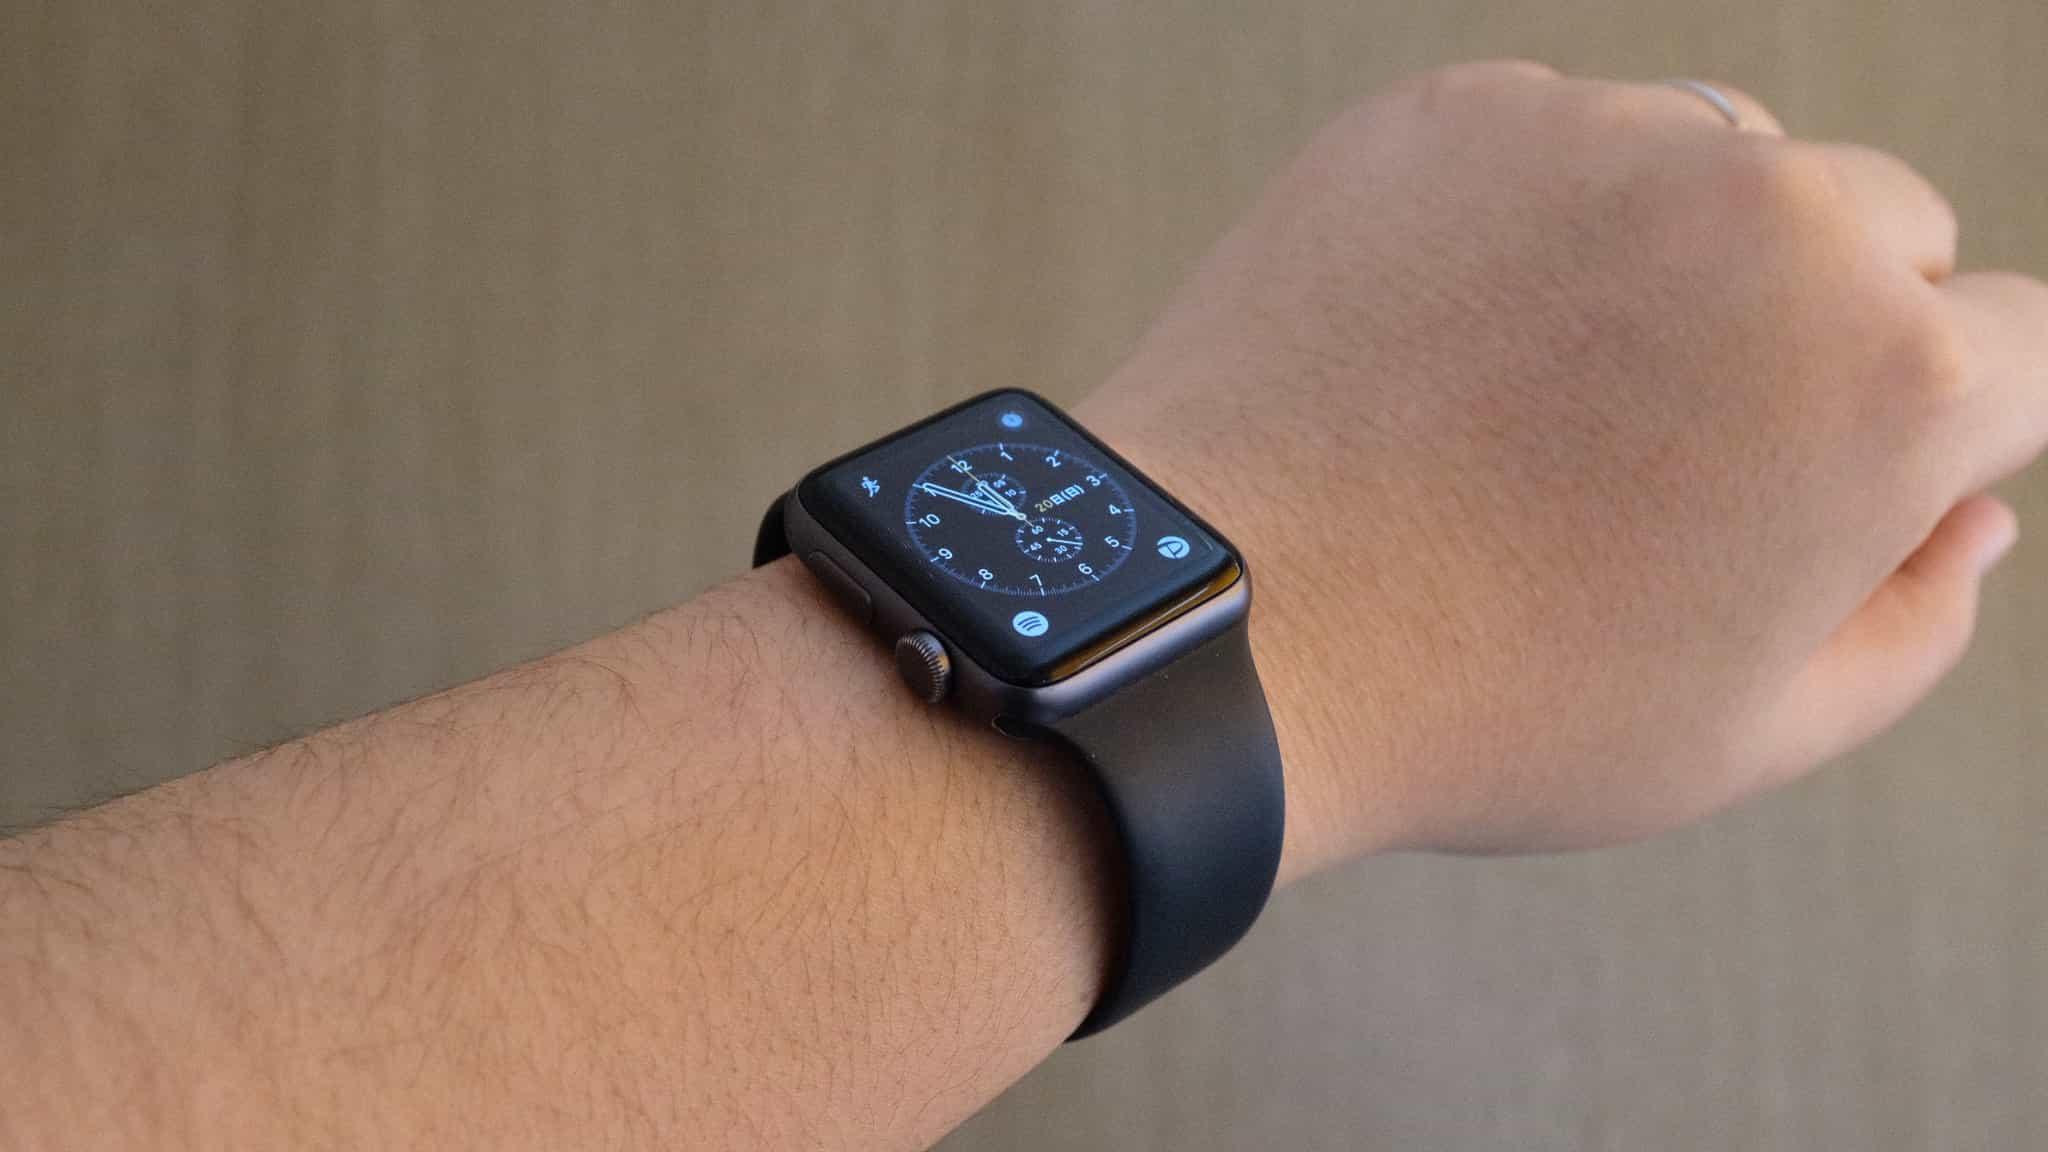 Apple Watchは間違いなく便利だけど、それはシーンによる